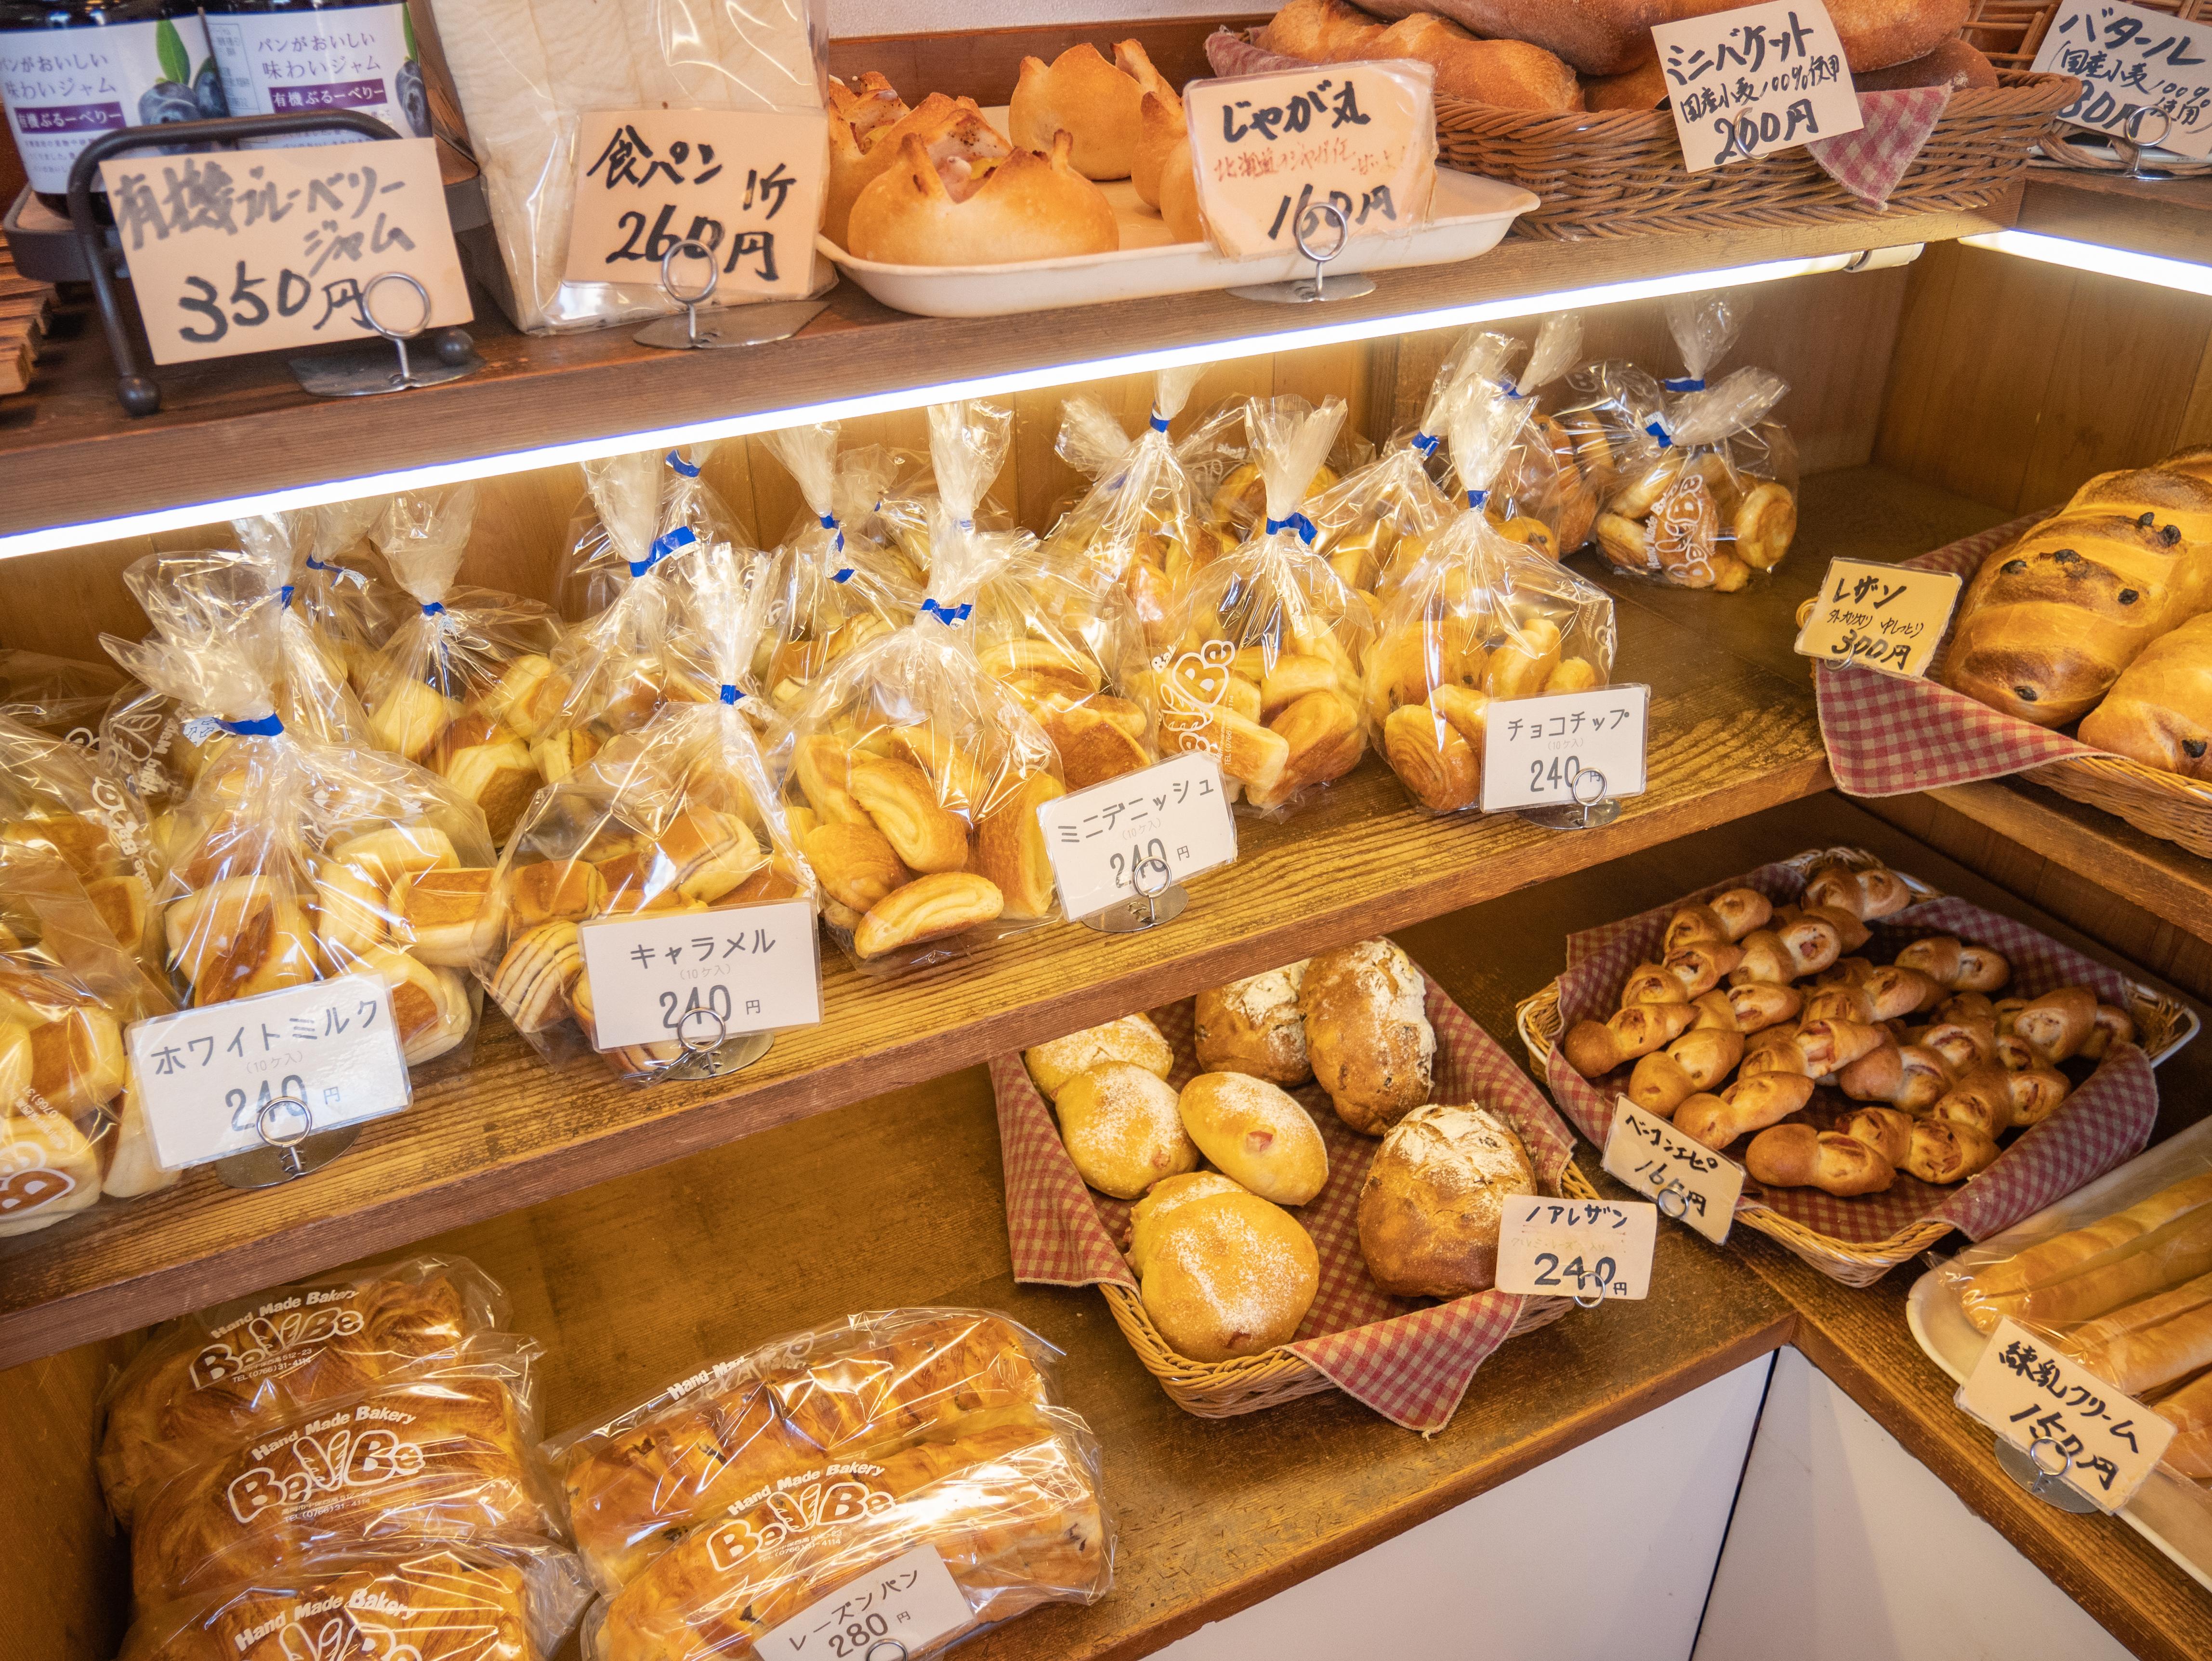 市 屋 高岡 パン 【ヤムヤムヤミー】高岡にある焼きたてパン屋さんに行ってきた